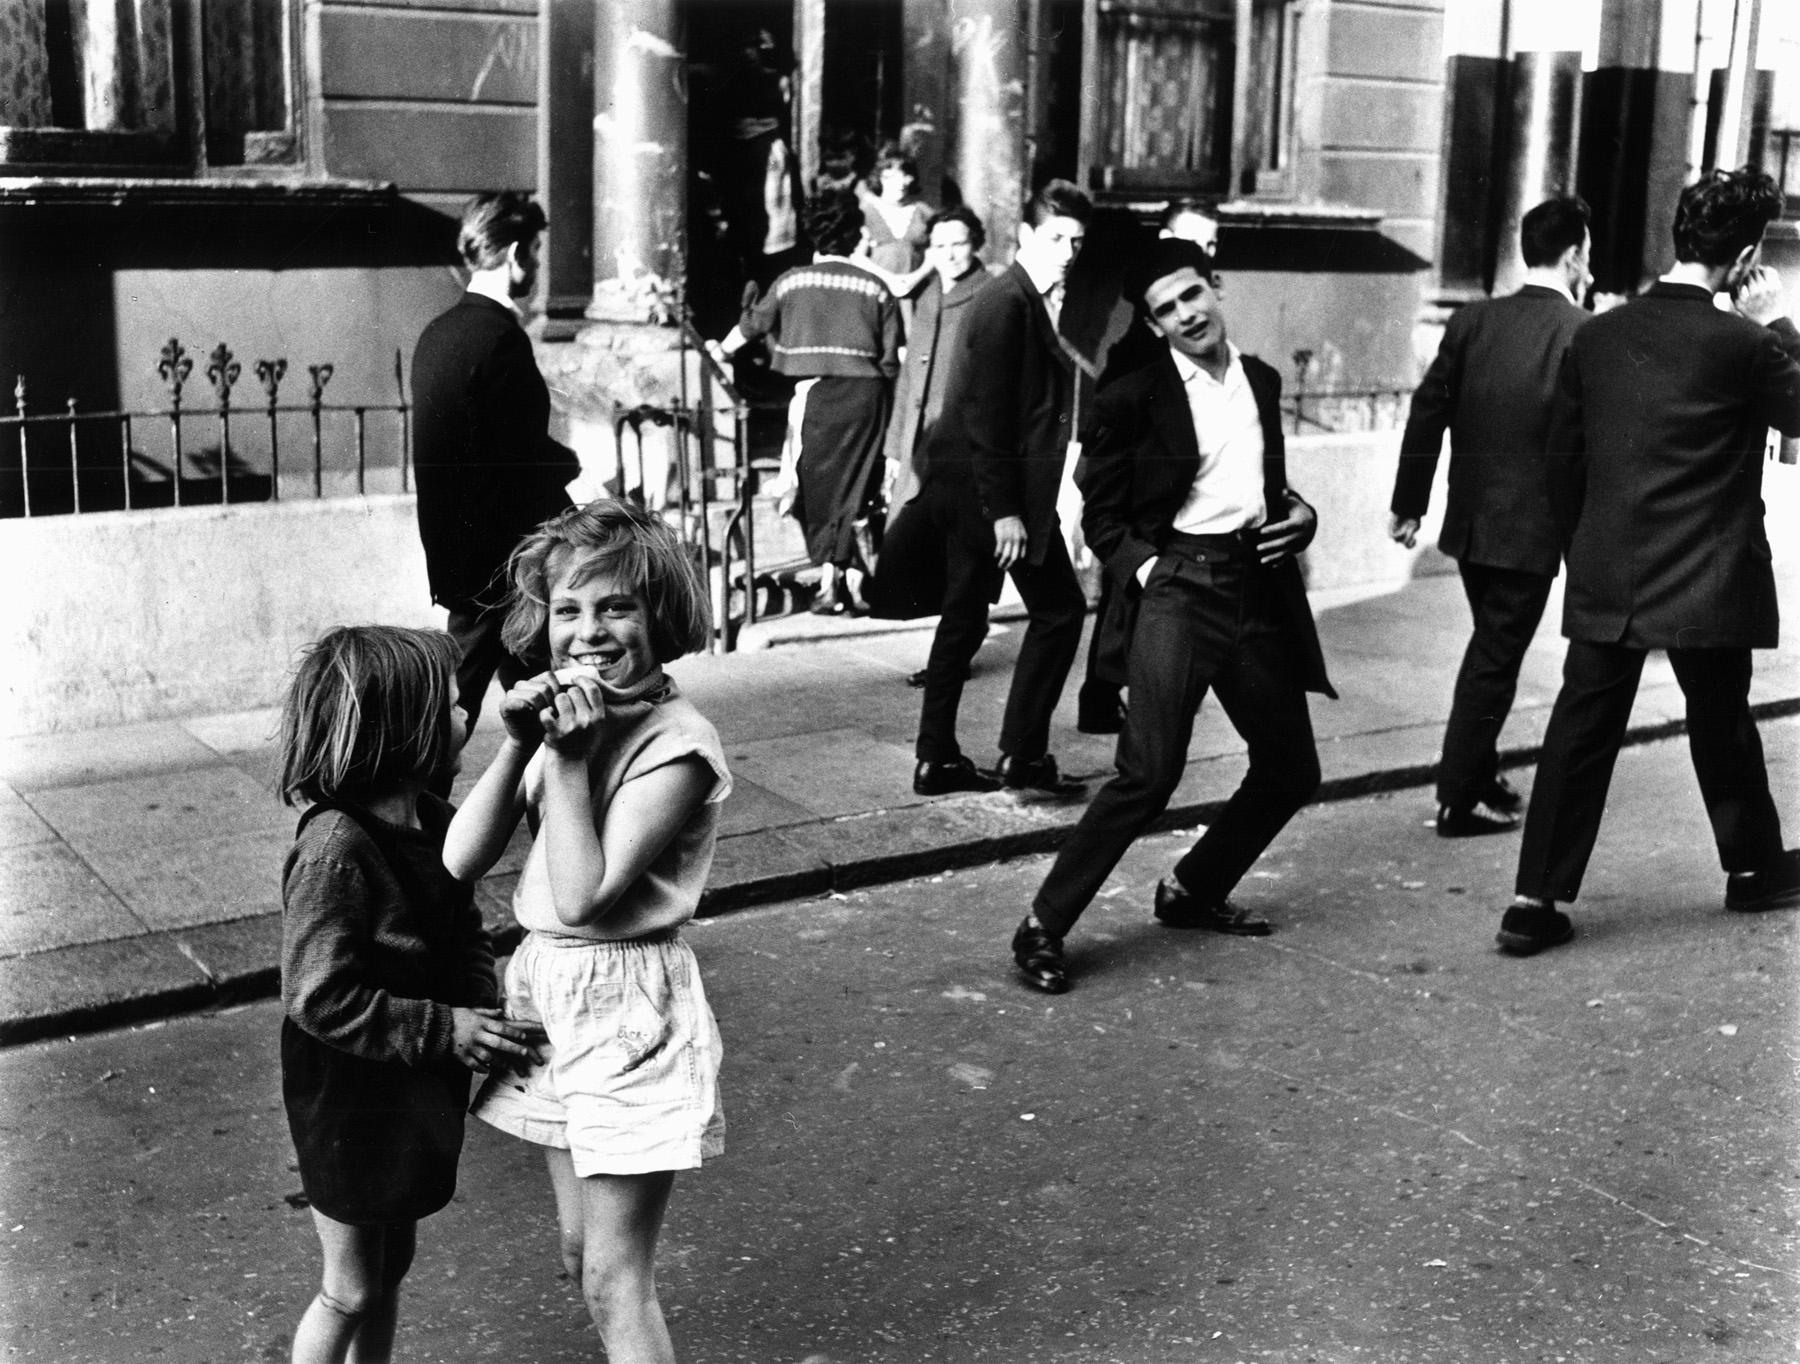 1956. Эй, мистер, сфотографируй меня